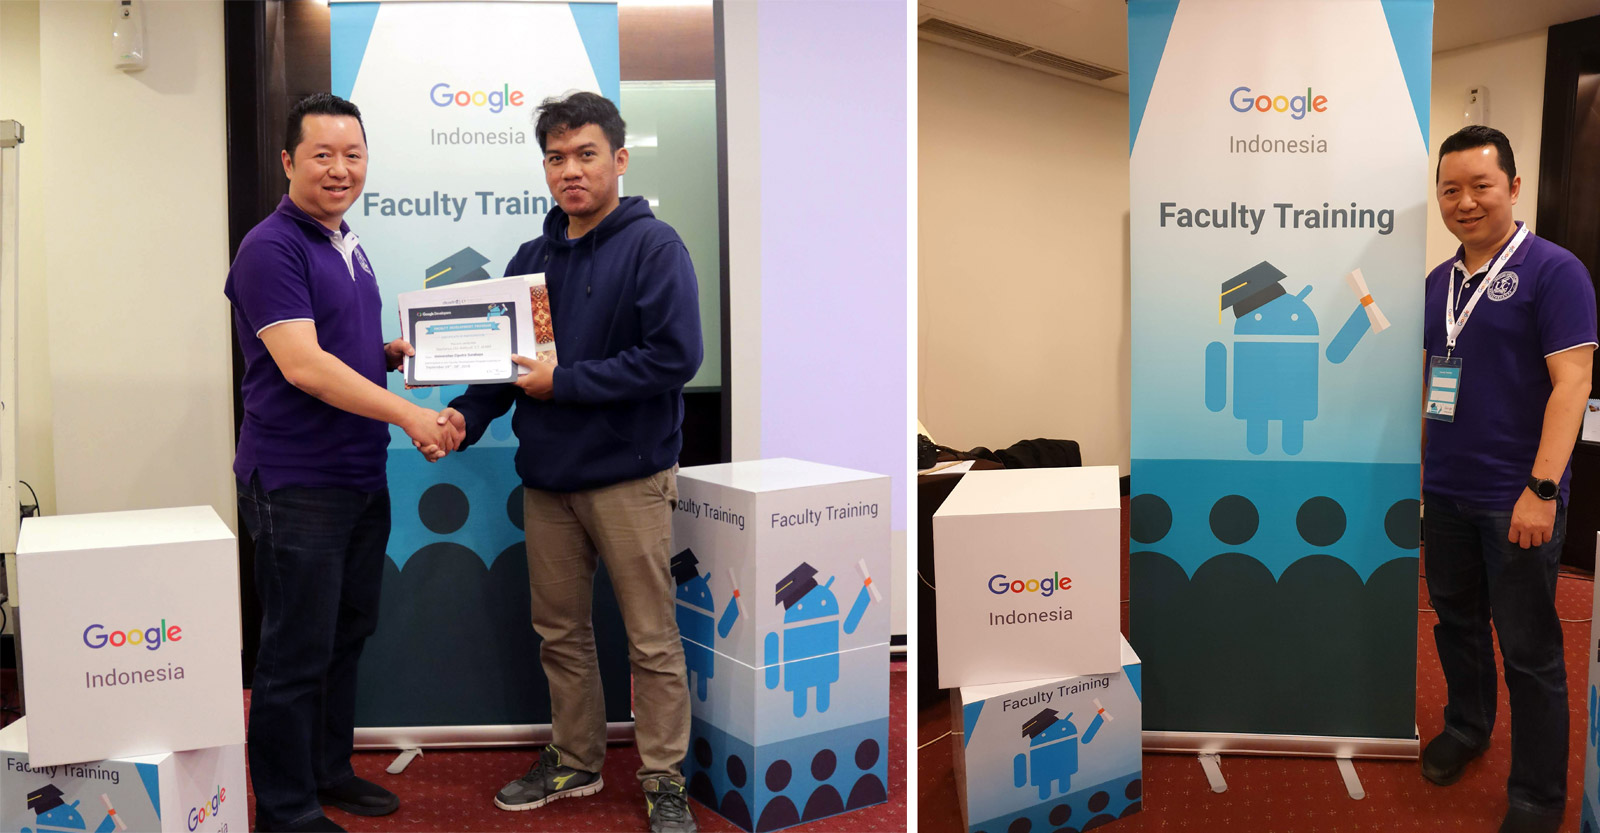 Stephanus Eko Wahyudi - dosen Informatika (IMT) UC yang berhasil meraih Beasiswa Google Faculty Training Batch 3 senilai belasan juta rupiah.